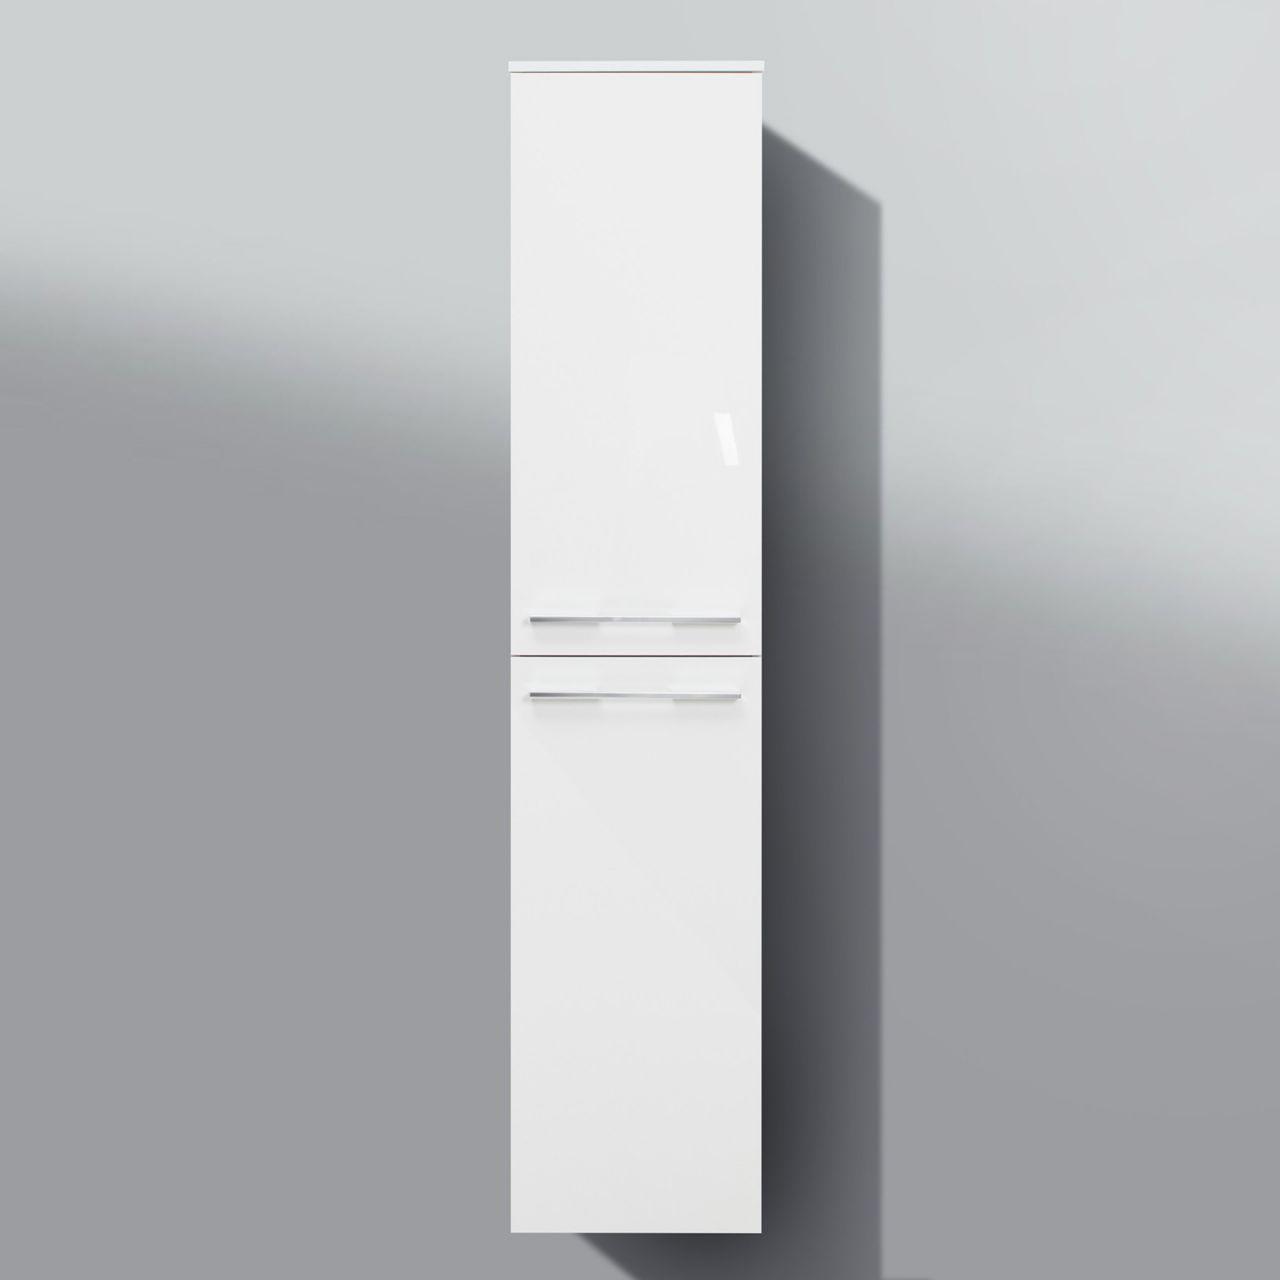 Badmöbel hochschrank  Bad Hochschrank, Seitenschrank H/B/T: 160/35/33cm, weiß hochglanz ...